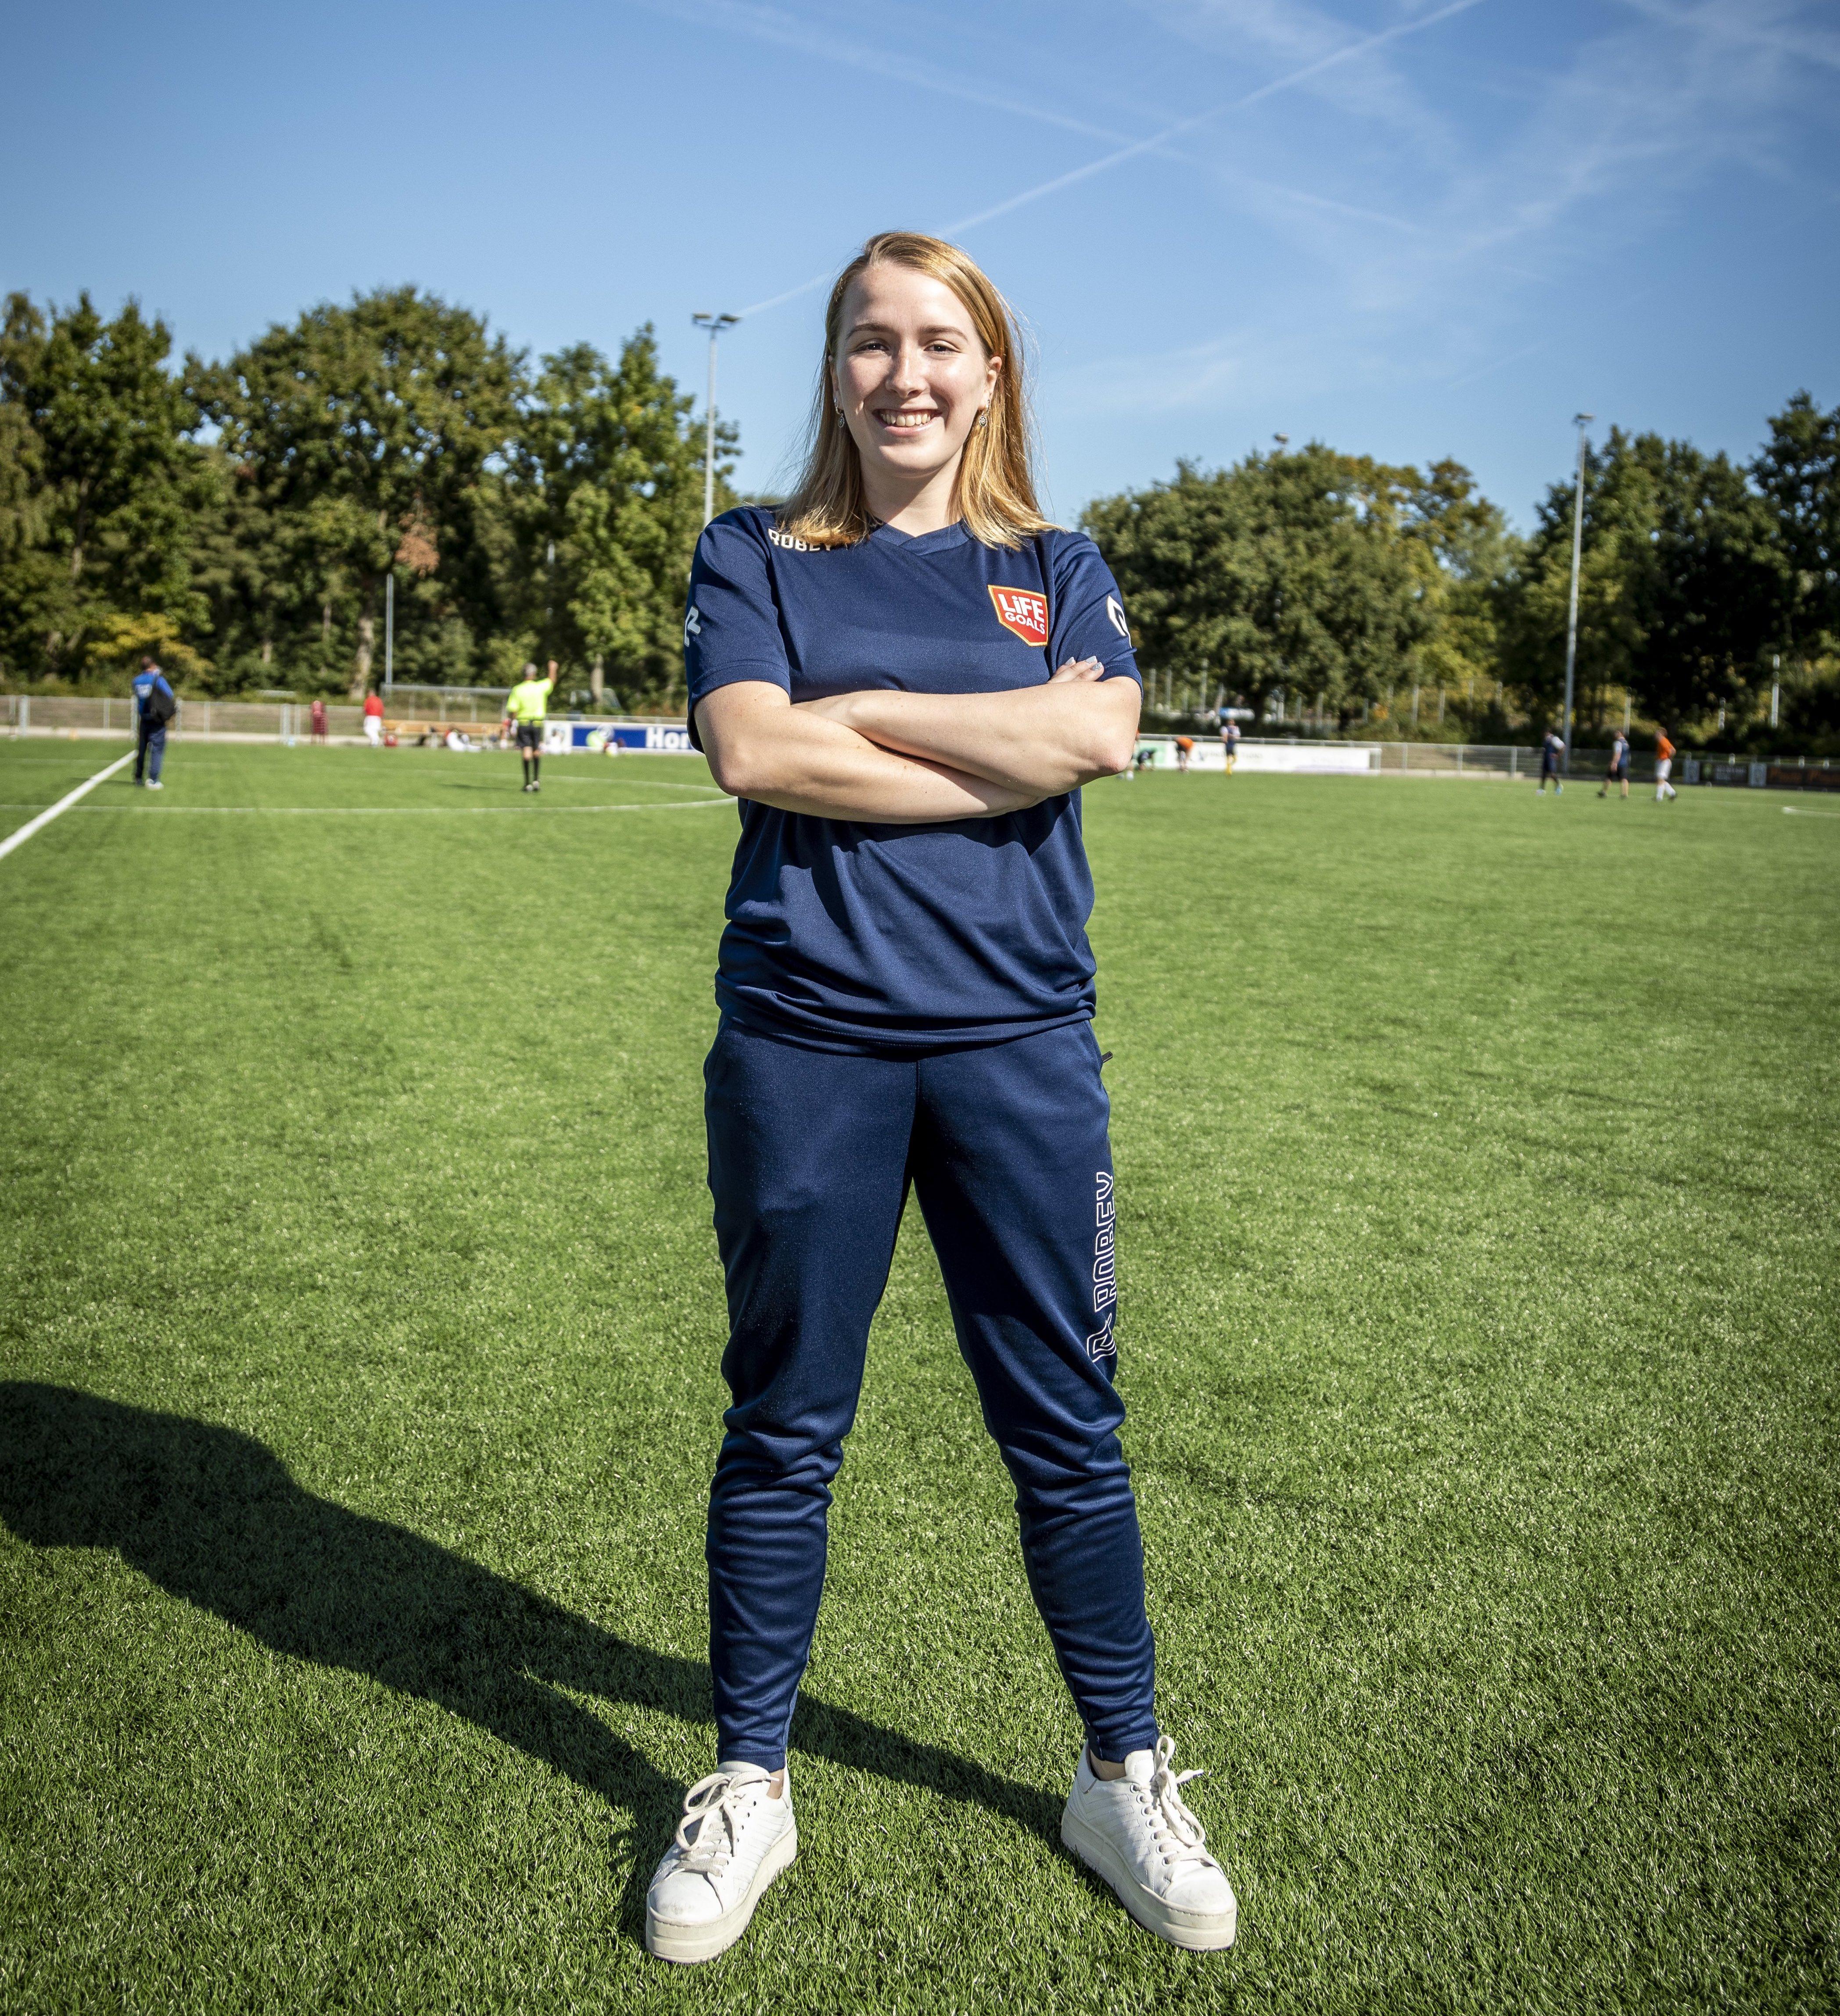 Even voorstellen: Claudia Takman, stagiair projectmedewerker Stichting Life Goals Nederland